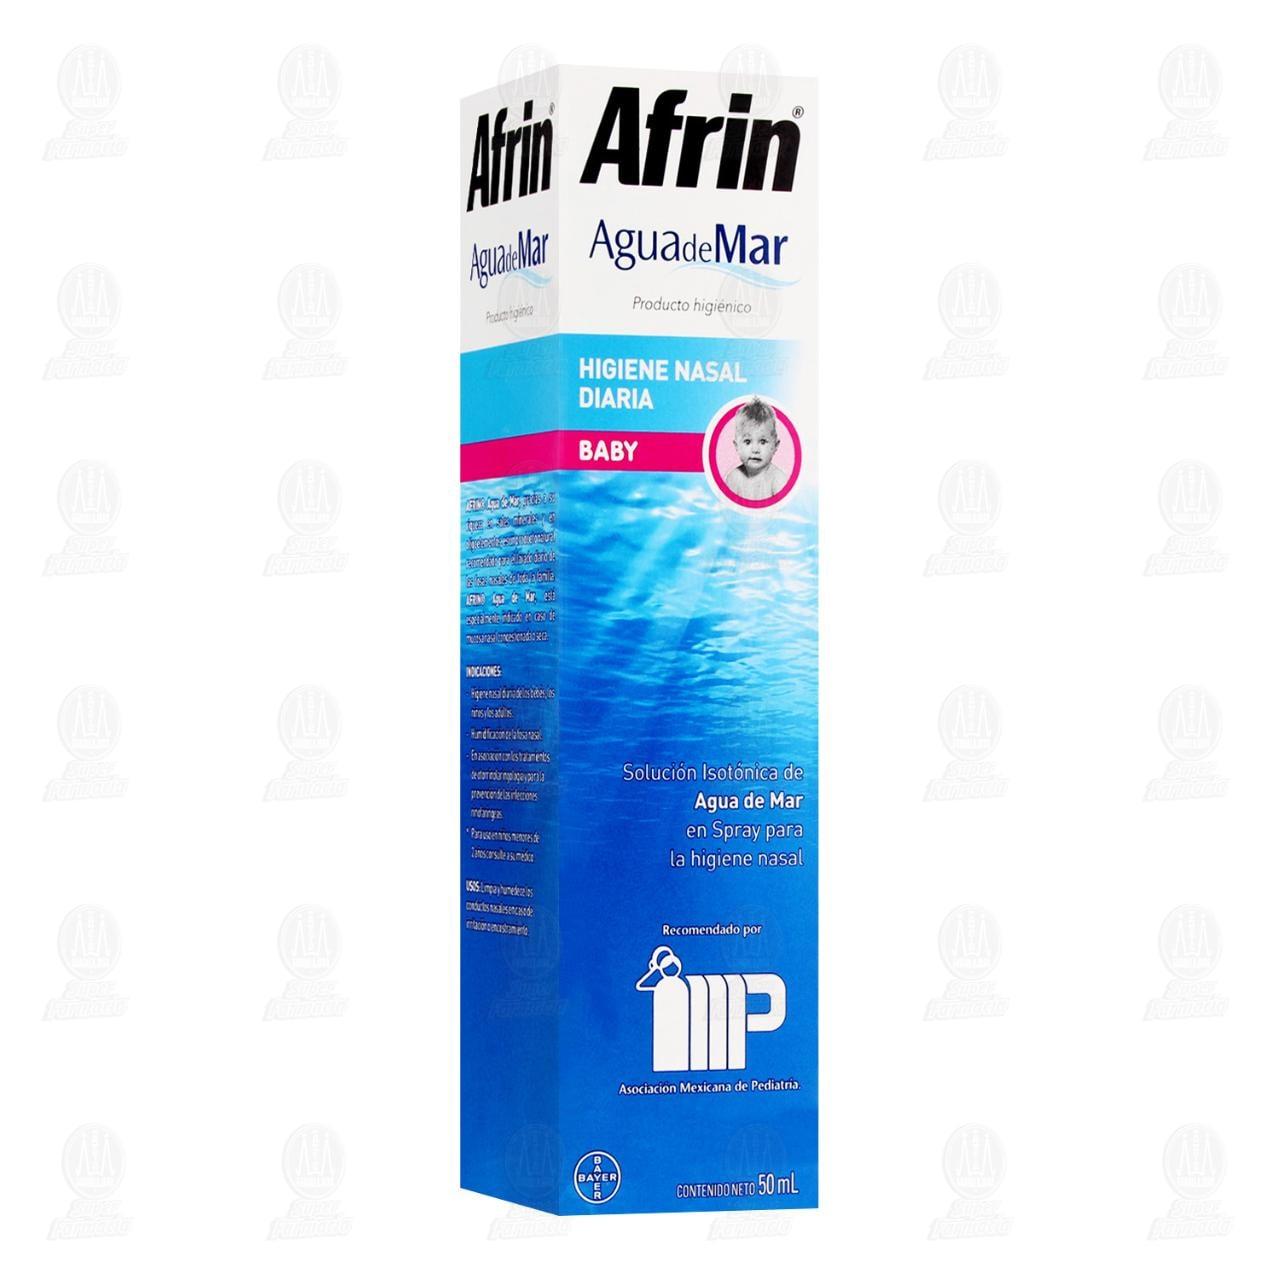 Comprar Afrin Pure Sea Baby Descongestión e Higiene Nasal Agua de Mar 50ml en Farmacias Guadalajara